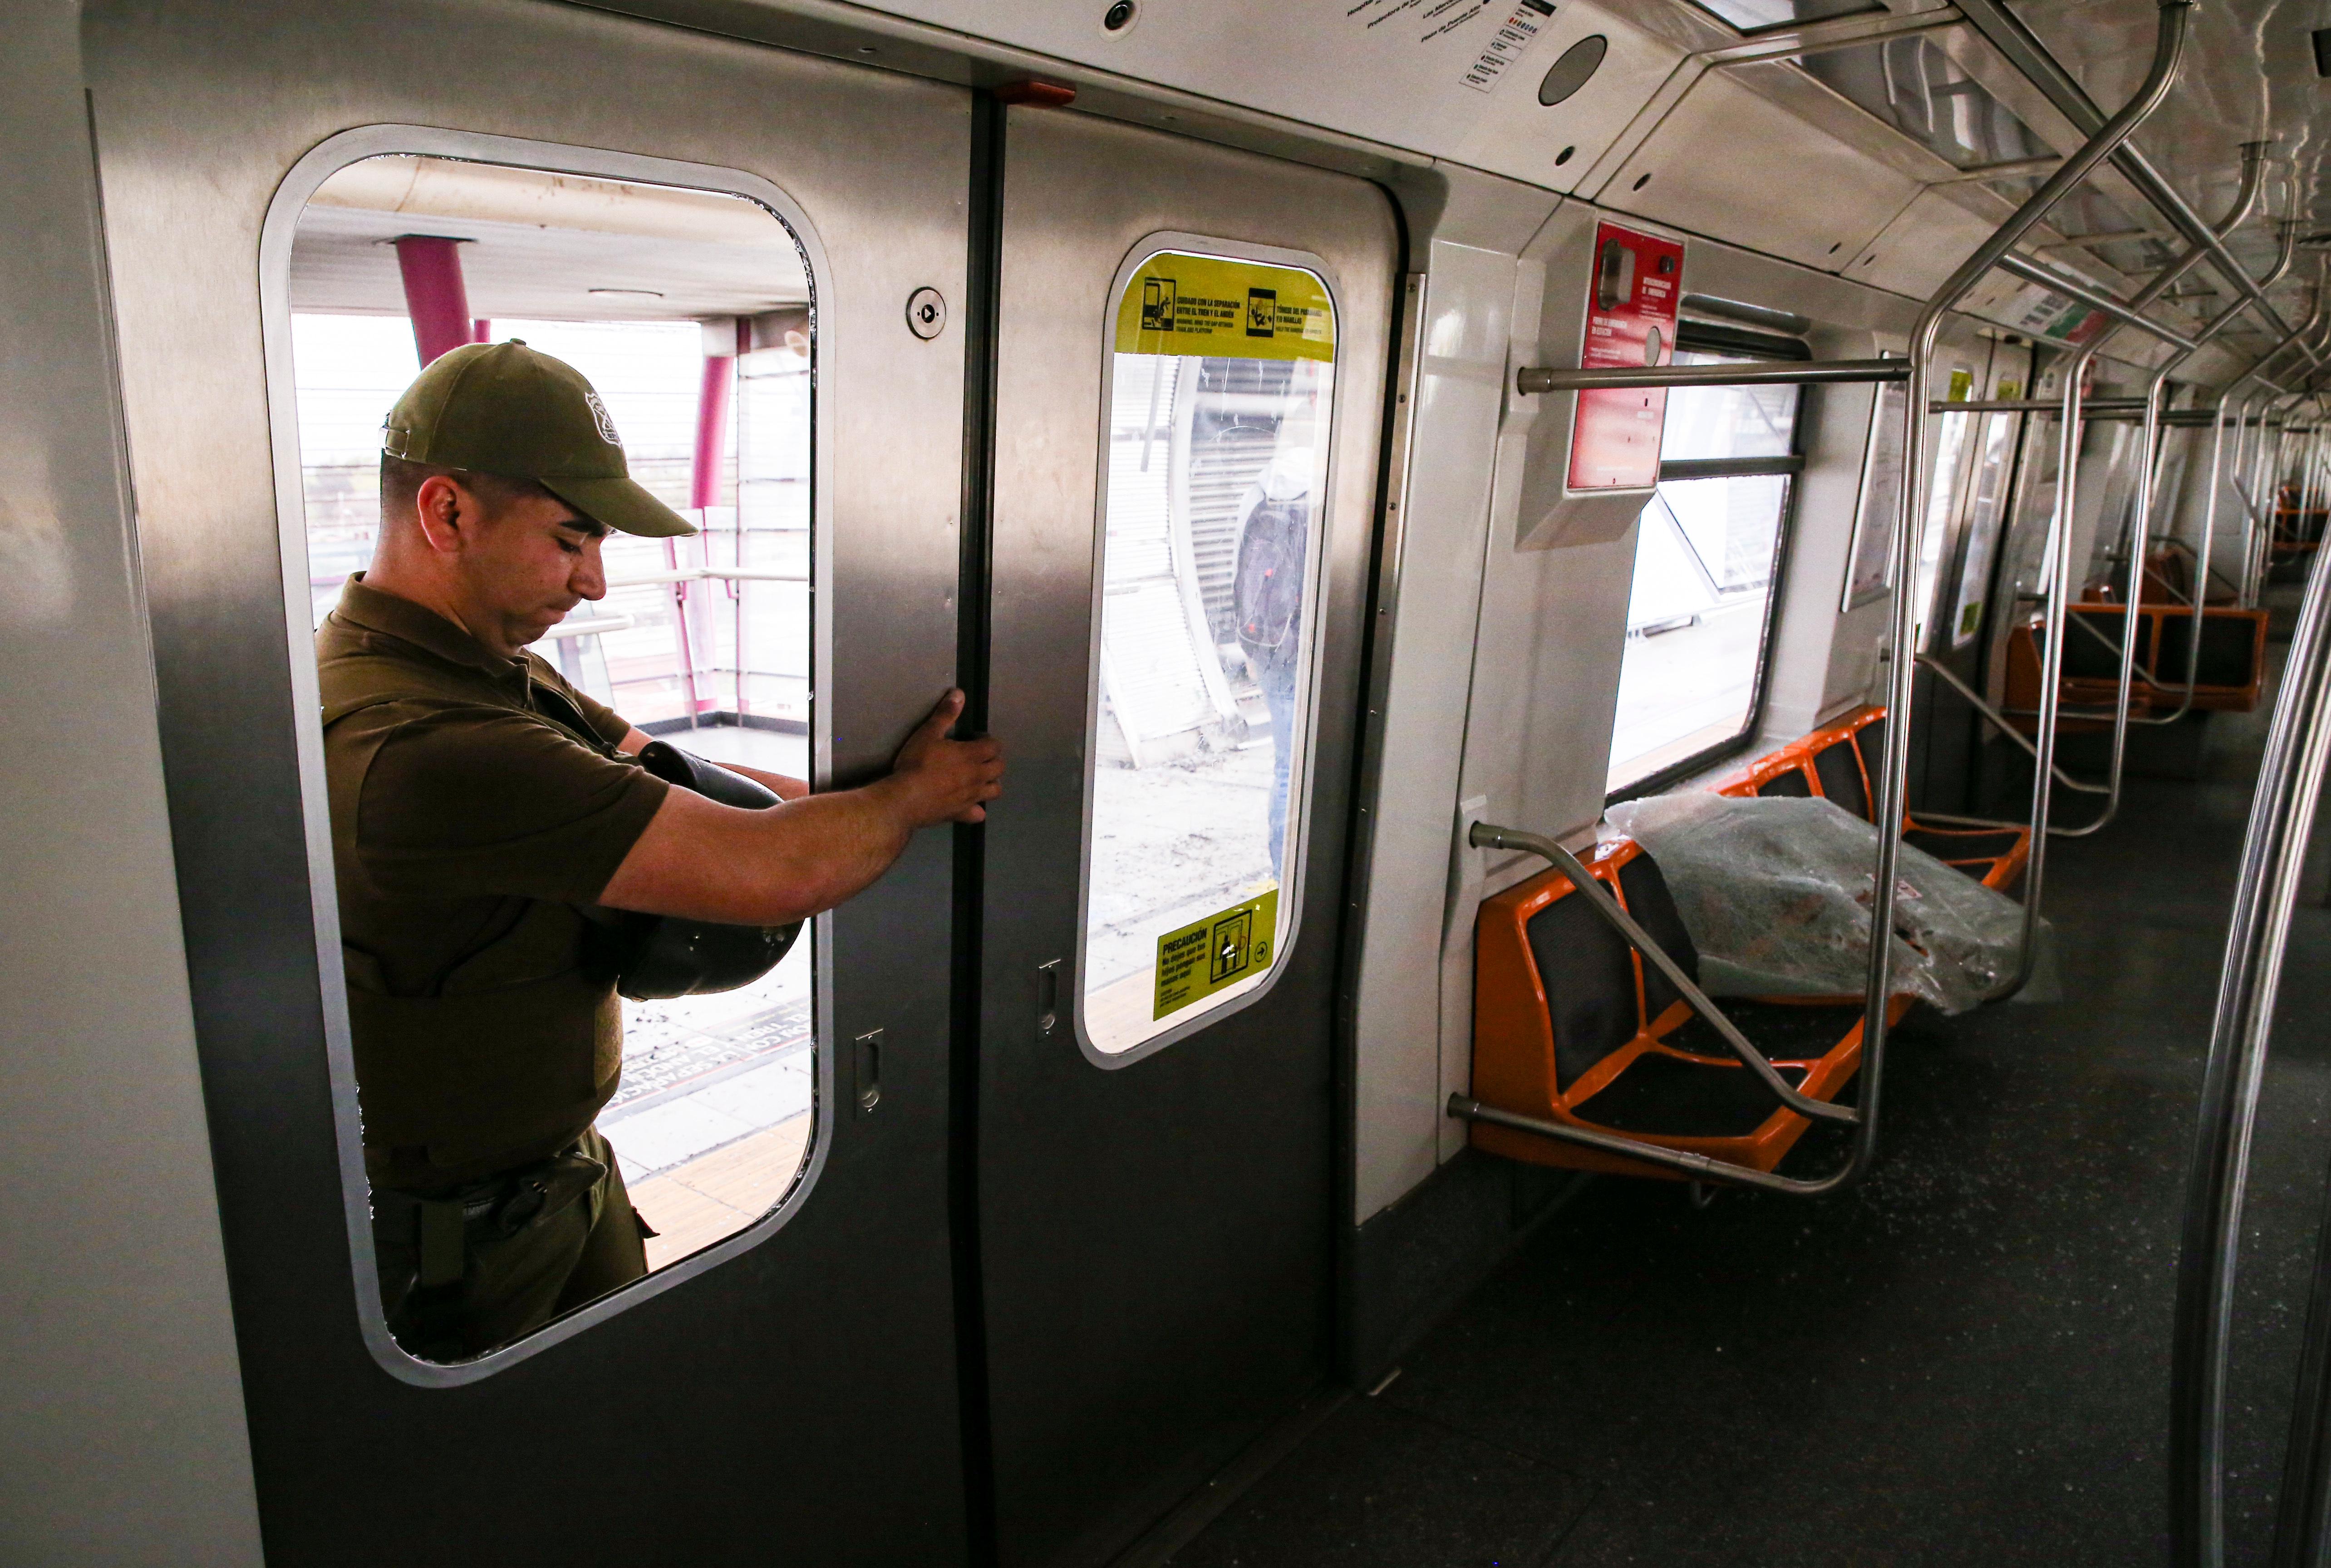 Cuando las manifestaciones desbordaron varios puntos de Santiago, con saqueos al comercio, enfrentamientos con la policía y militares y quemas de estaciones del metro, Piñera dio marcha atrás y suspendió el sábado el alza del boleto del metro